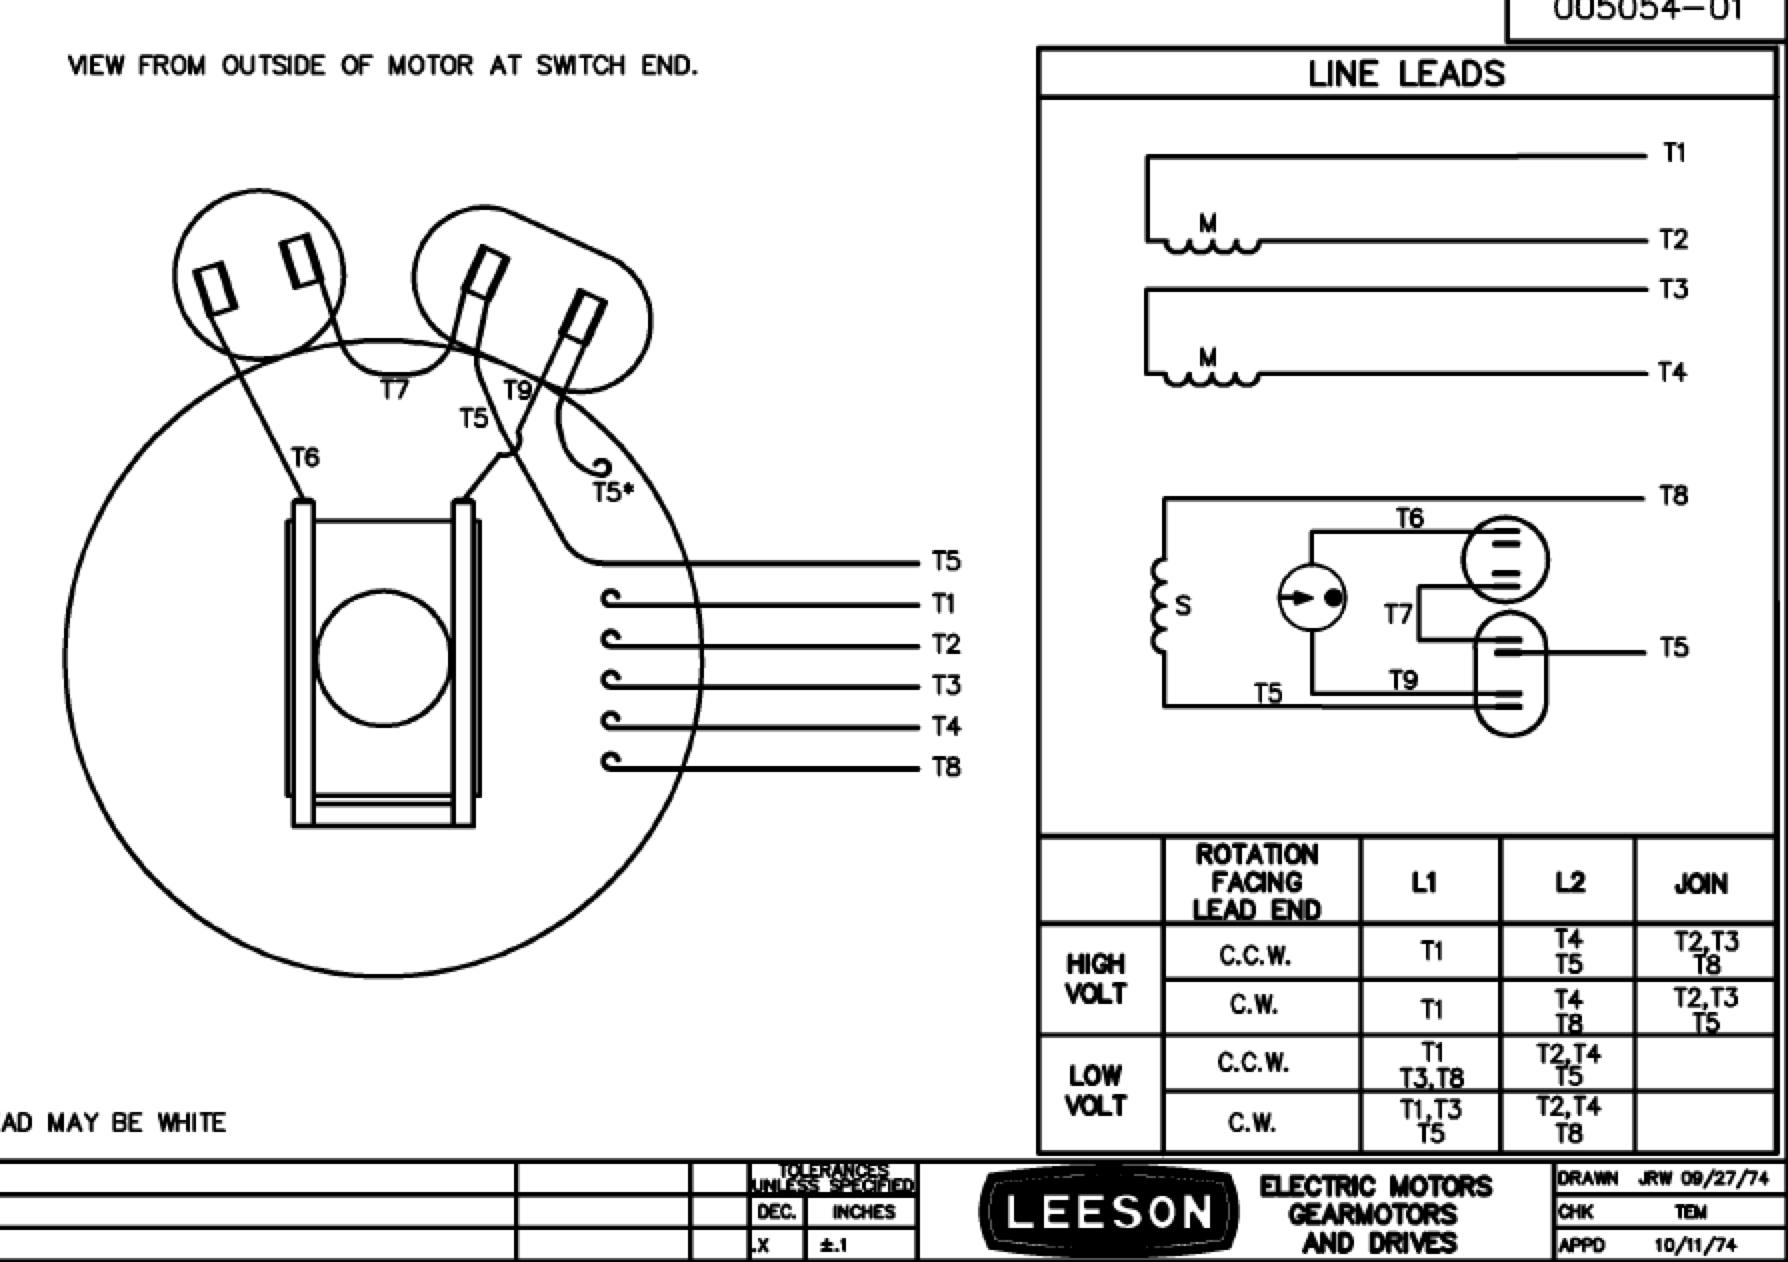 hight resolution of wrg 7916 120v reversing motor wiring diagram dayton ac motor wiring diagram 2866 3 phase